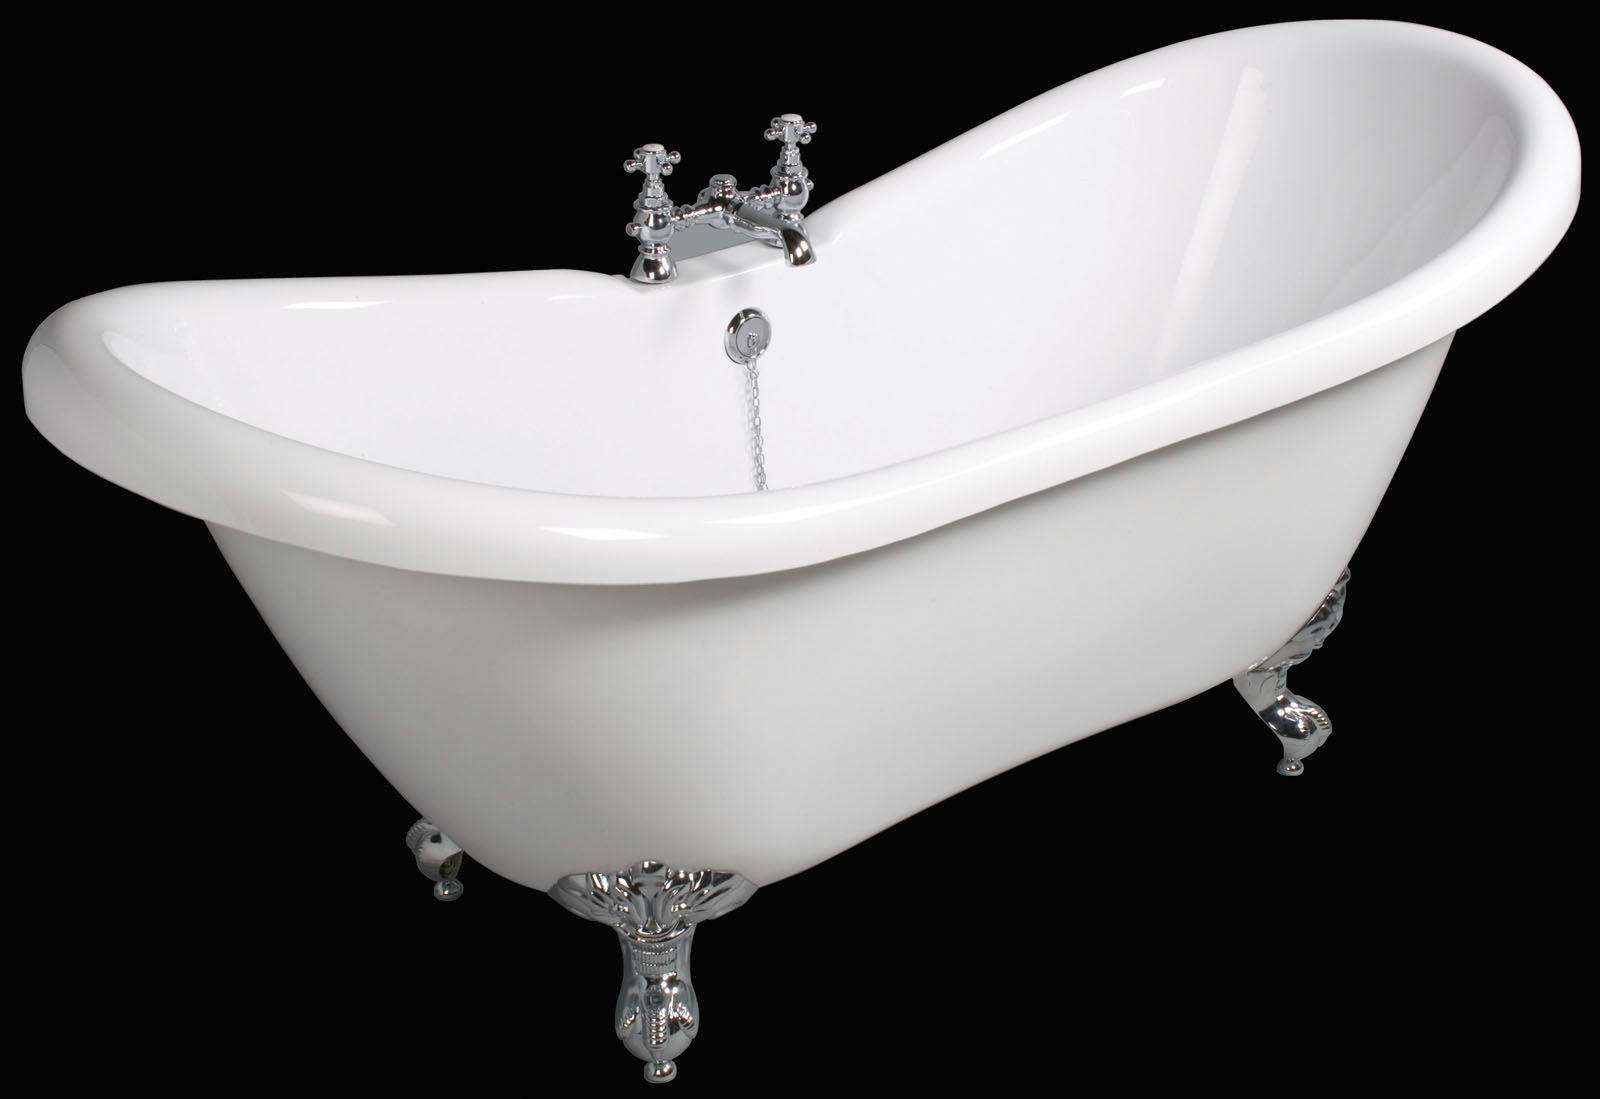 Vasca Da Bagno Freestanding In Acrilico : Vasca da bagno su piedi ovale in acrilico elizabeth bba srl